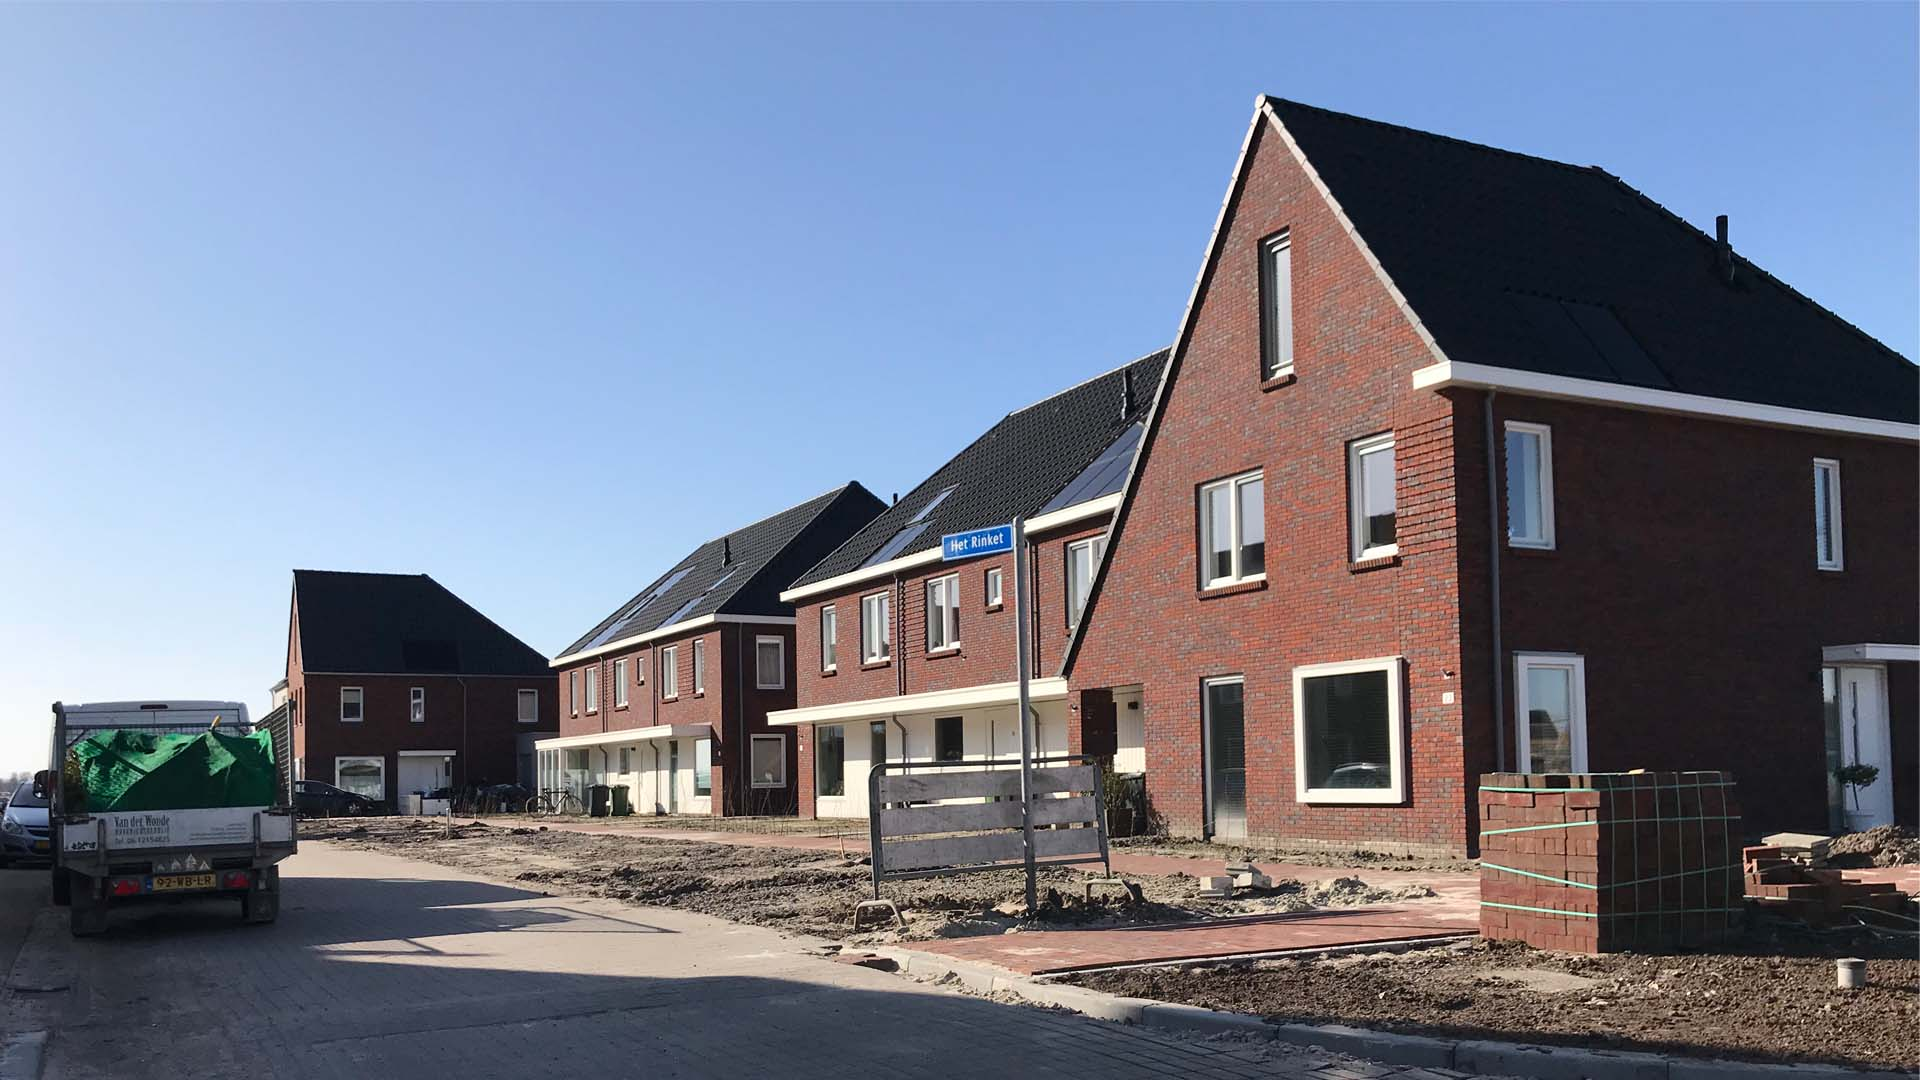 16050_Meerstad Groningen_02